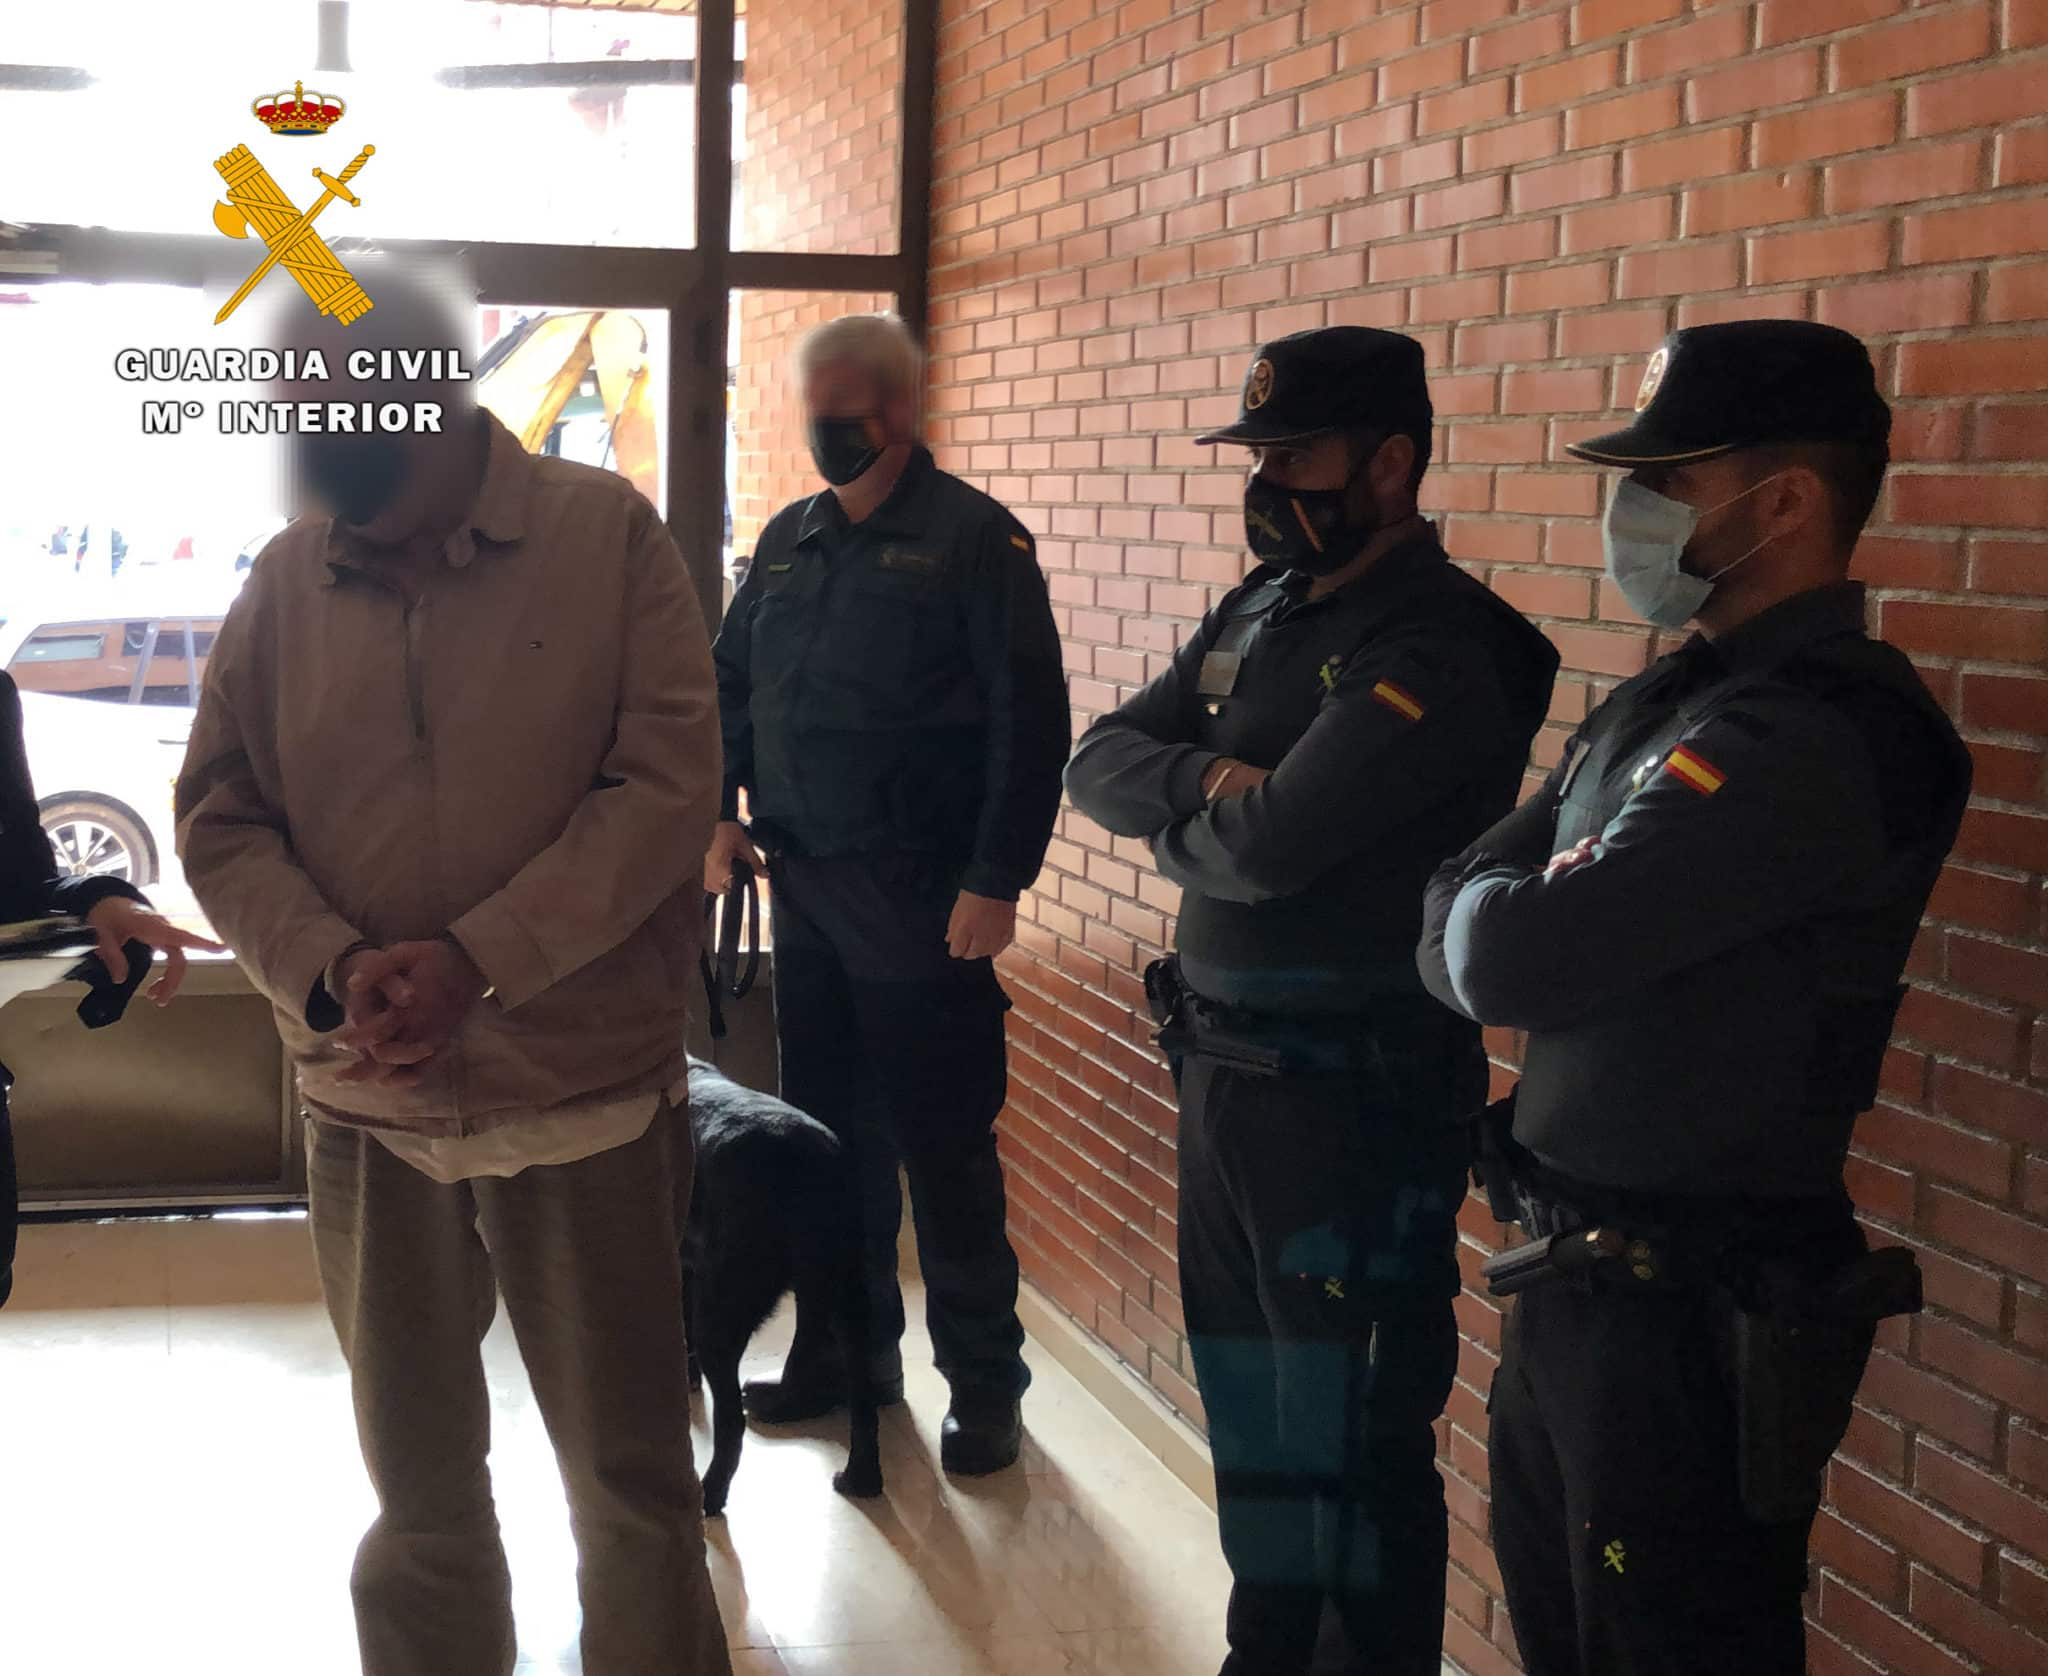 Nuevo golpe al tráfico de cocaína y 'speed' en Calahorra 1